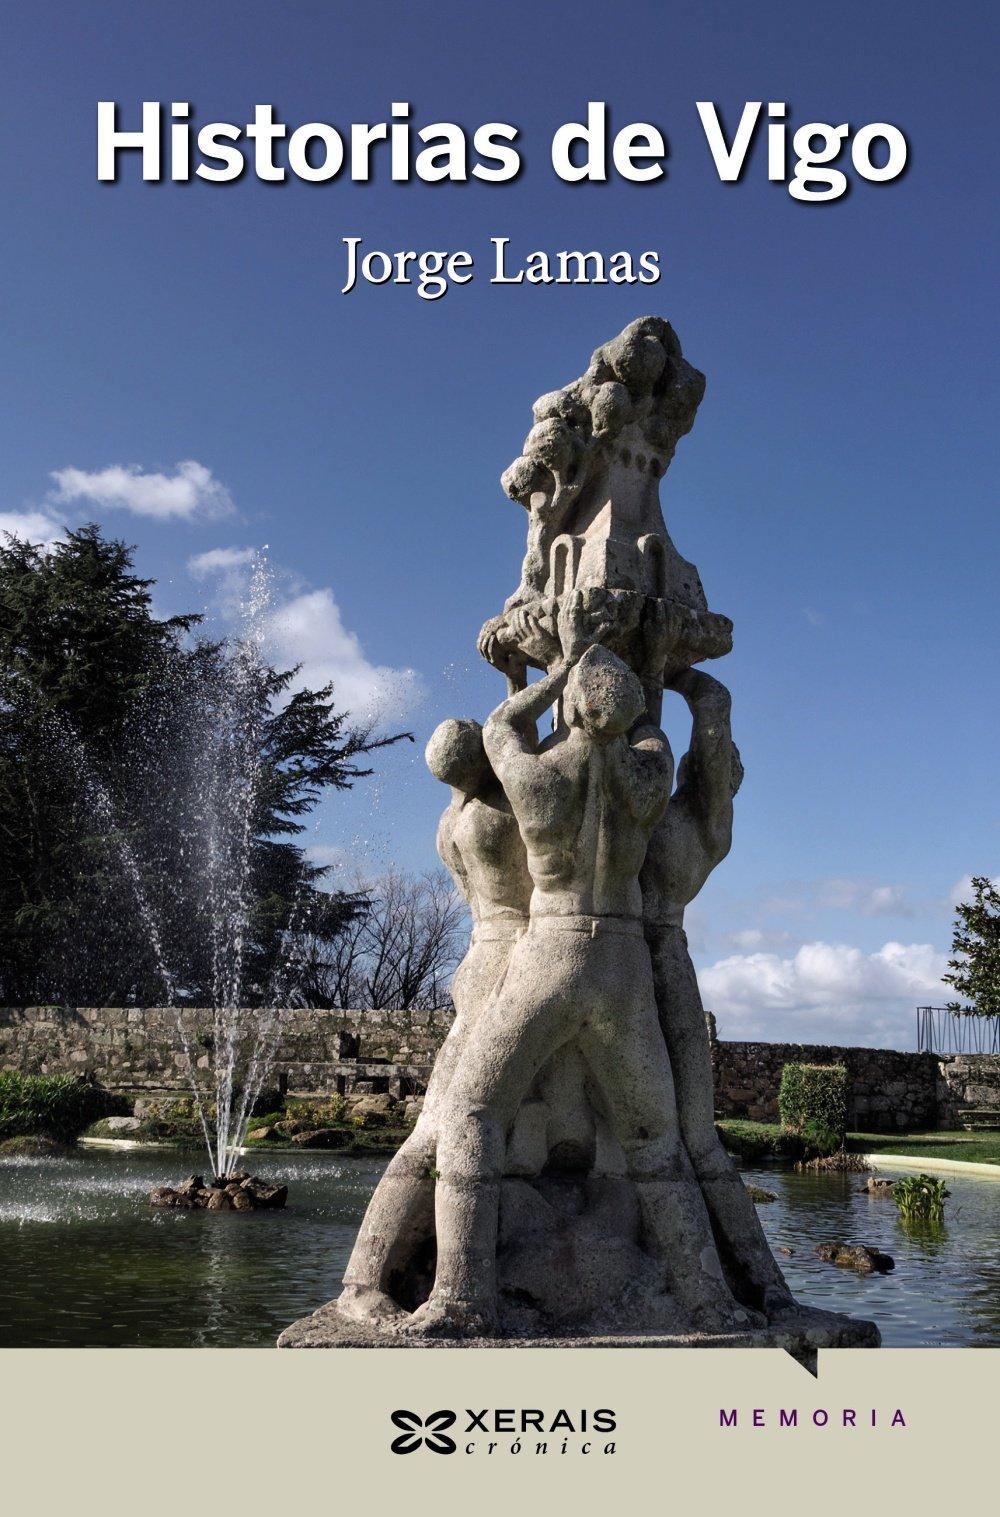 Historias de Vigo (Edición Literaria - Crónica - Memorias) (Gallego) Tapa blanda – 3 may 2018 Jorge Lamas Edicións Xerais 8491213813 Local history